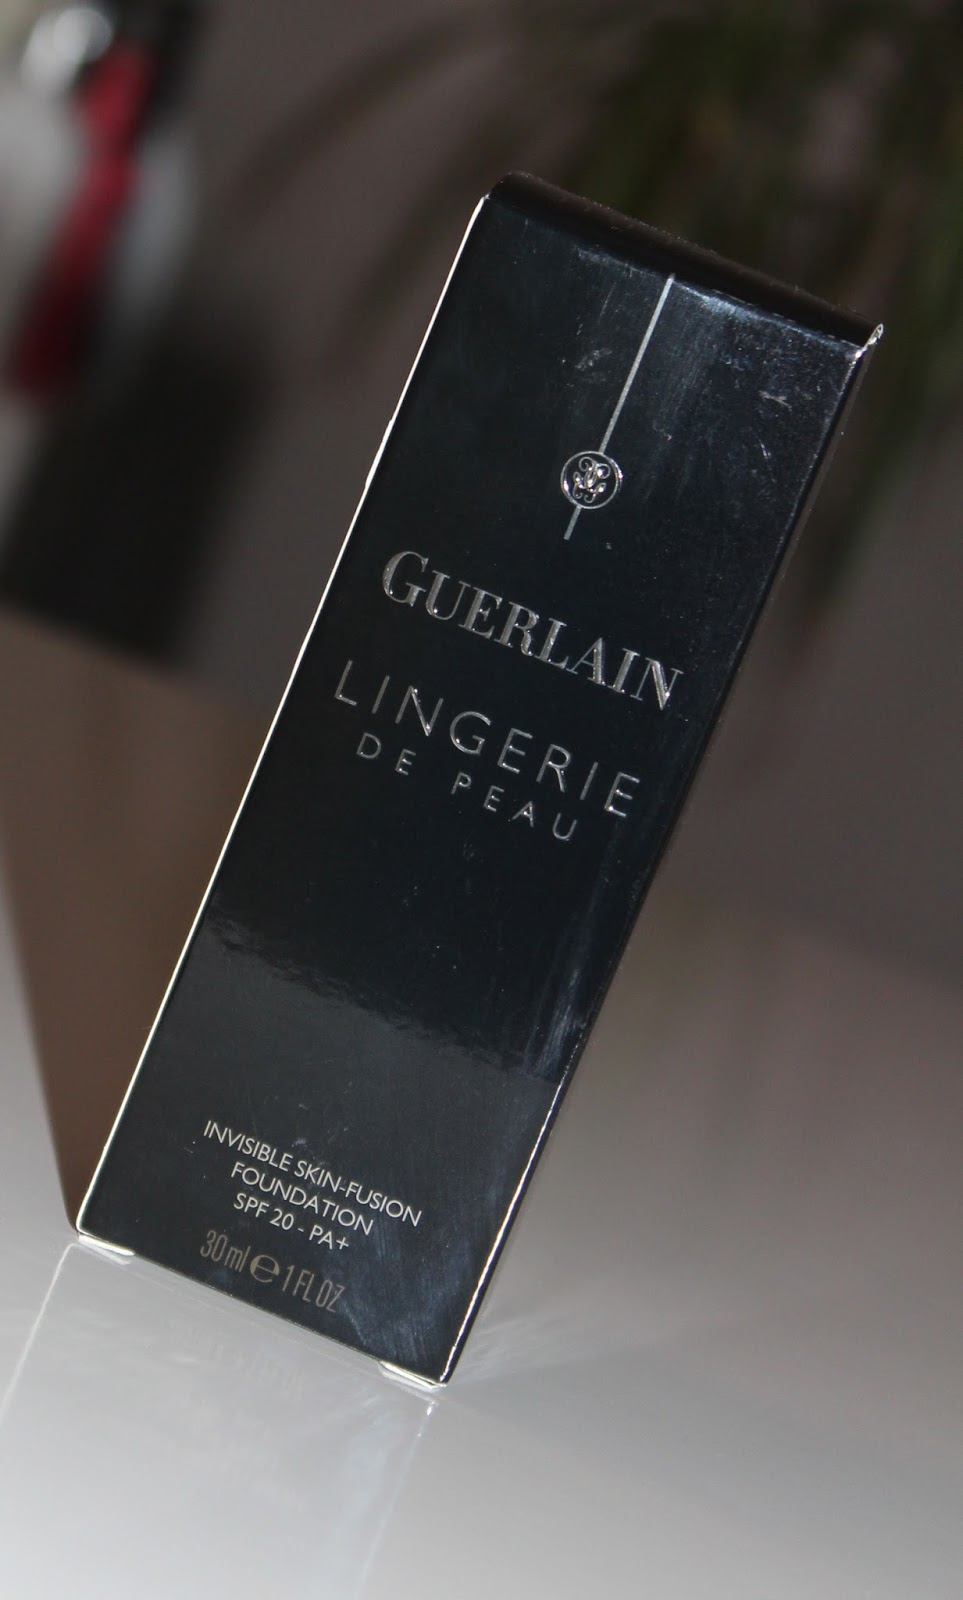 Guerlain Lingerie De Peau tekući puder u nijansi 02 Beige Claire